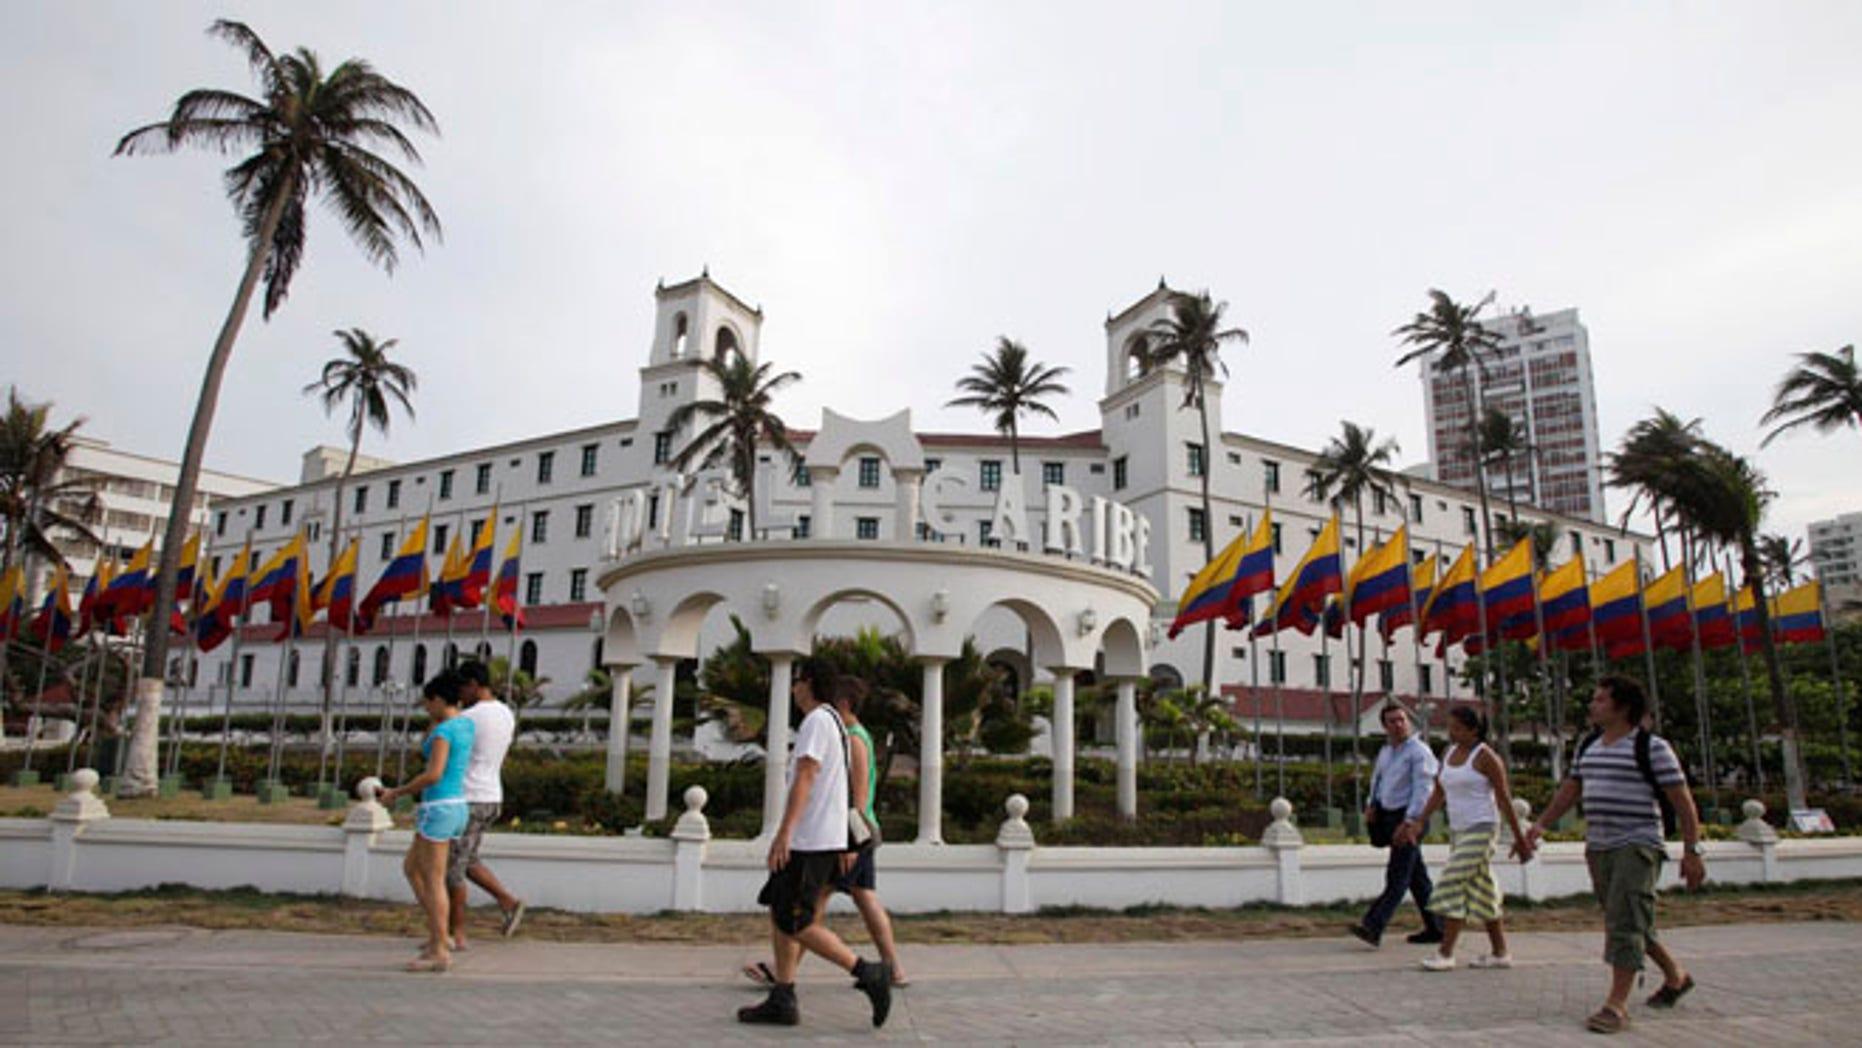 April 14, 2012: People walk past Hotel El Caribe in Cartagena, Colombia.